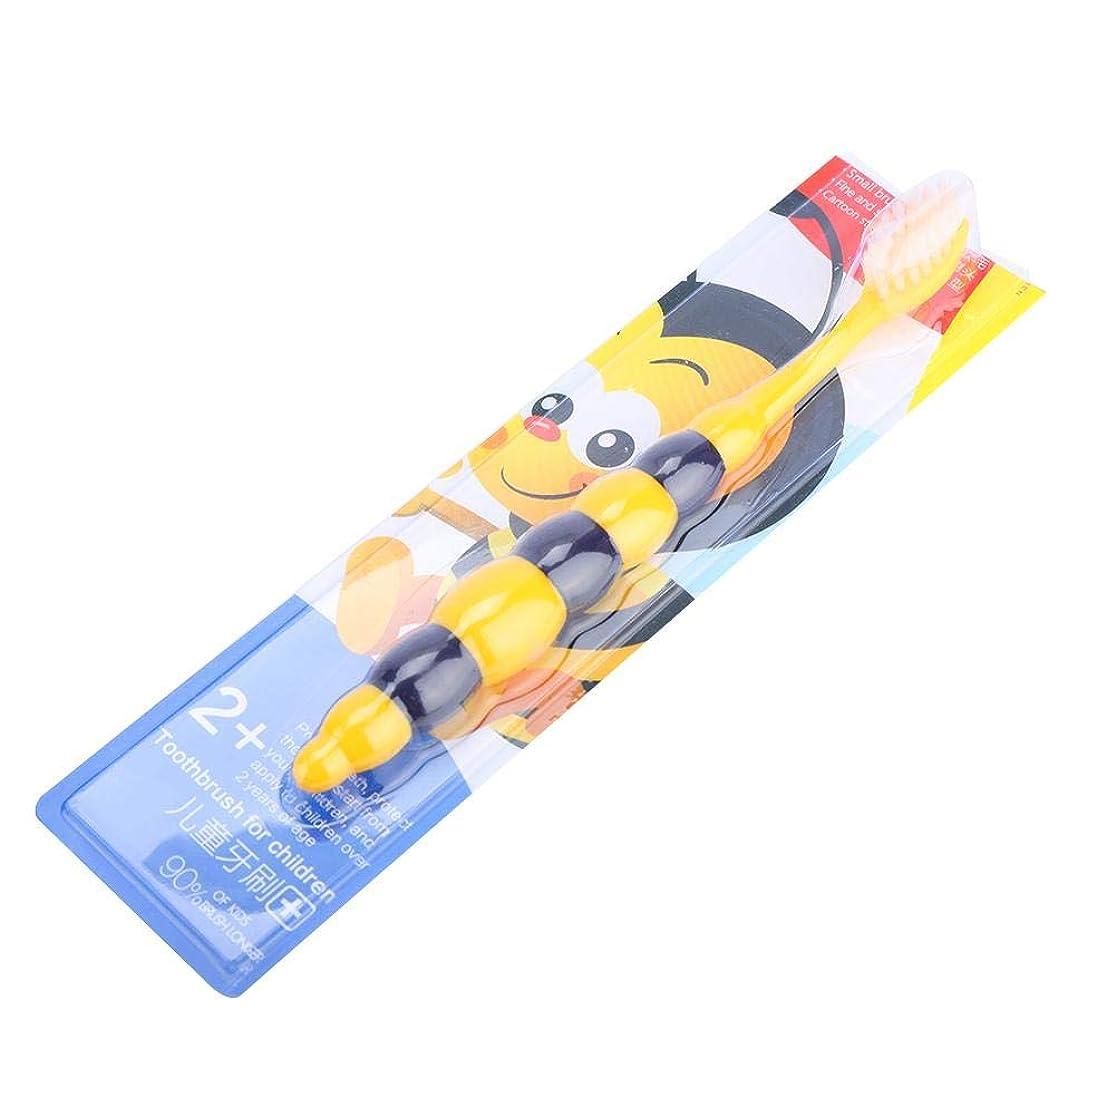 校長包帯盆子供の柔らかい髪の歯ブラシの子供かわいいクリーニングの歯ブラシオーラルケアツール(黄色い蜂)